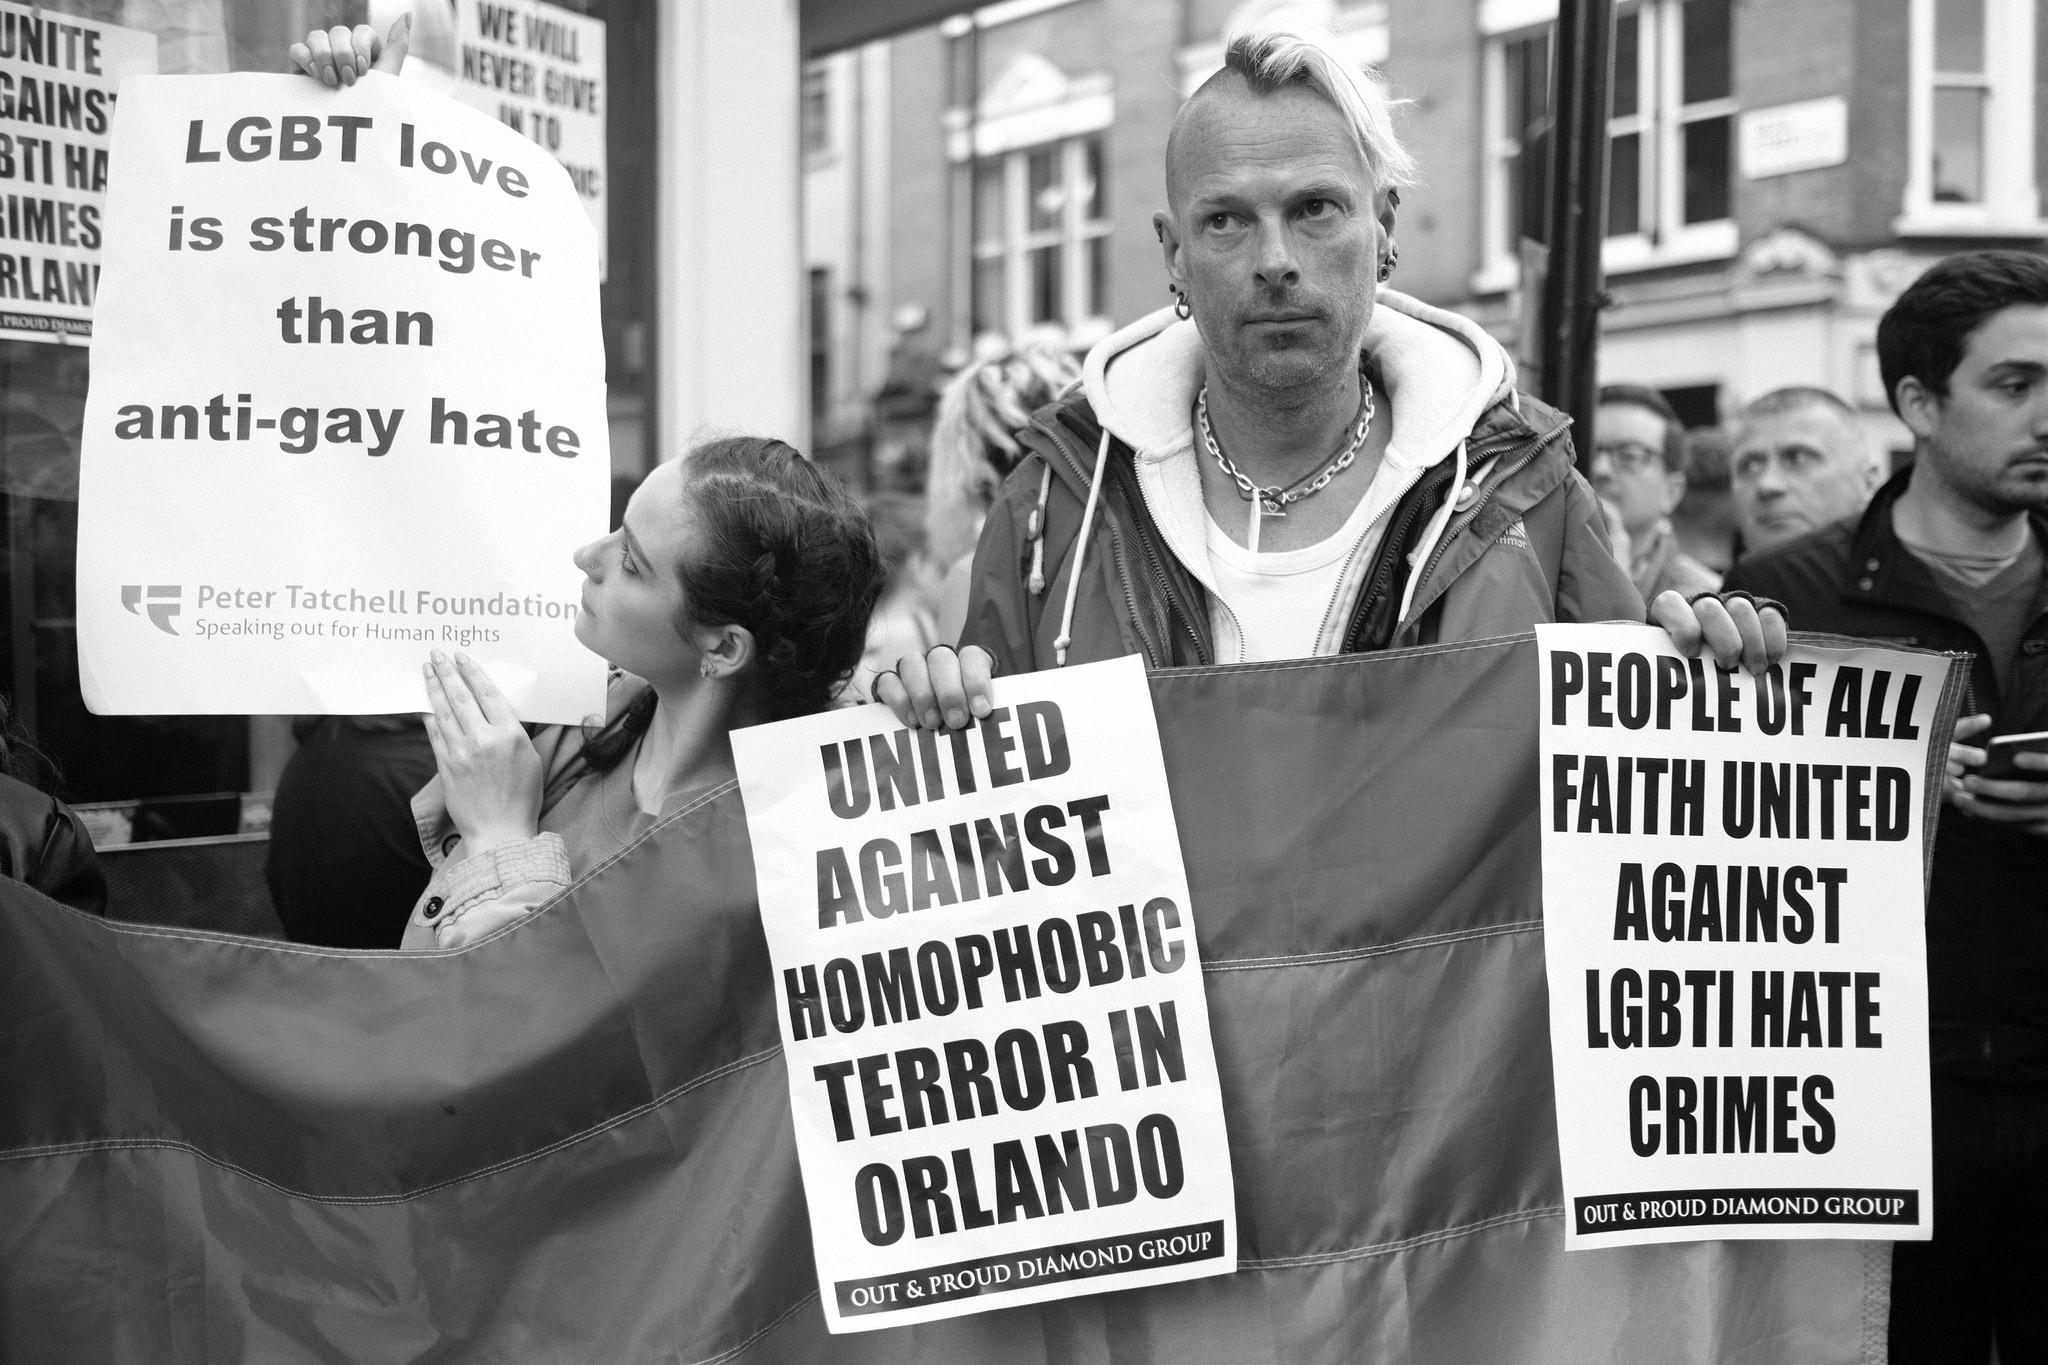 LGTB armastus on tugevam kui geide vastane vägivald - aktivistid Londoni leinaseisakul mälestamaks Orlando geiklubi tulistamises hukkunuid. Foto: Alisdare Hickson (CC BY-SA 2.0)